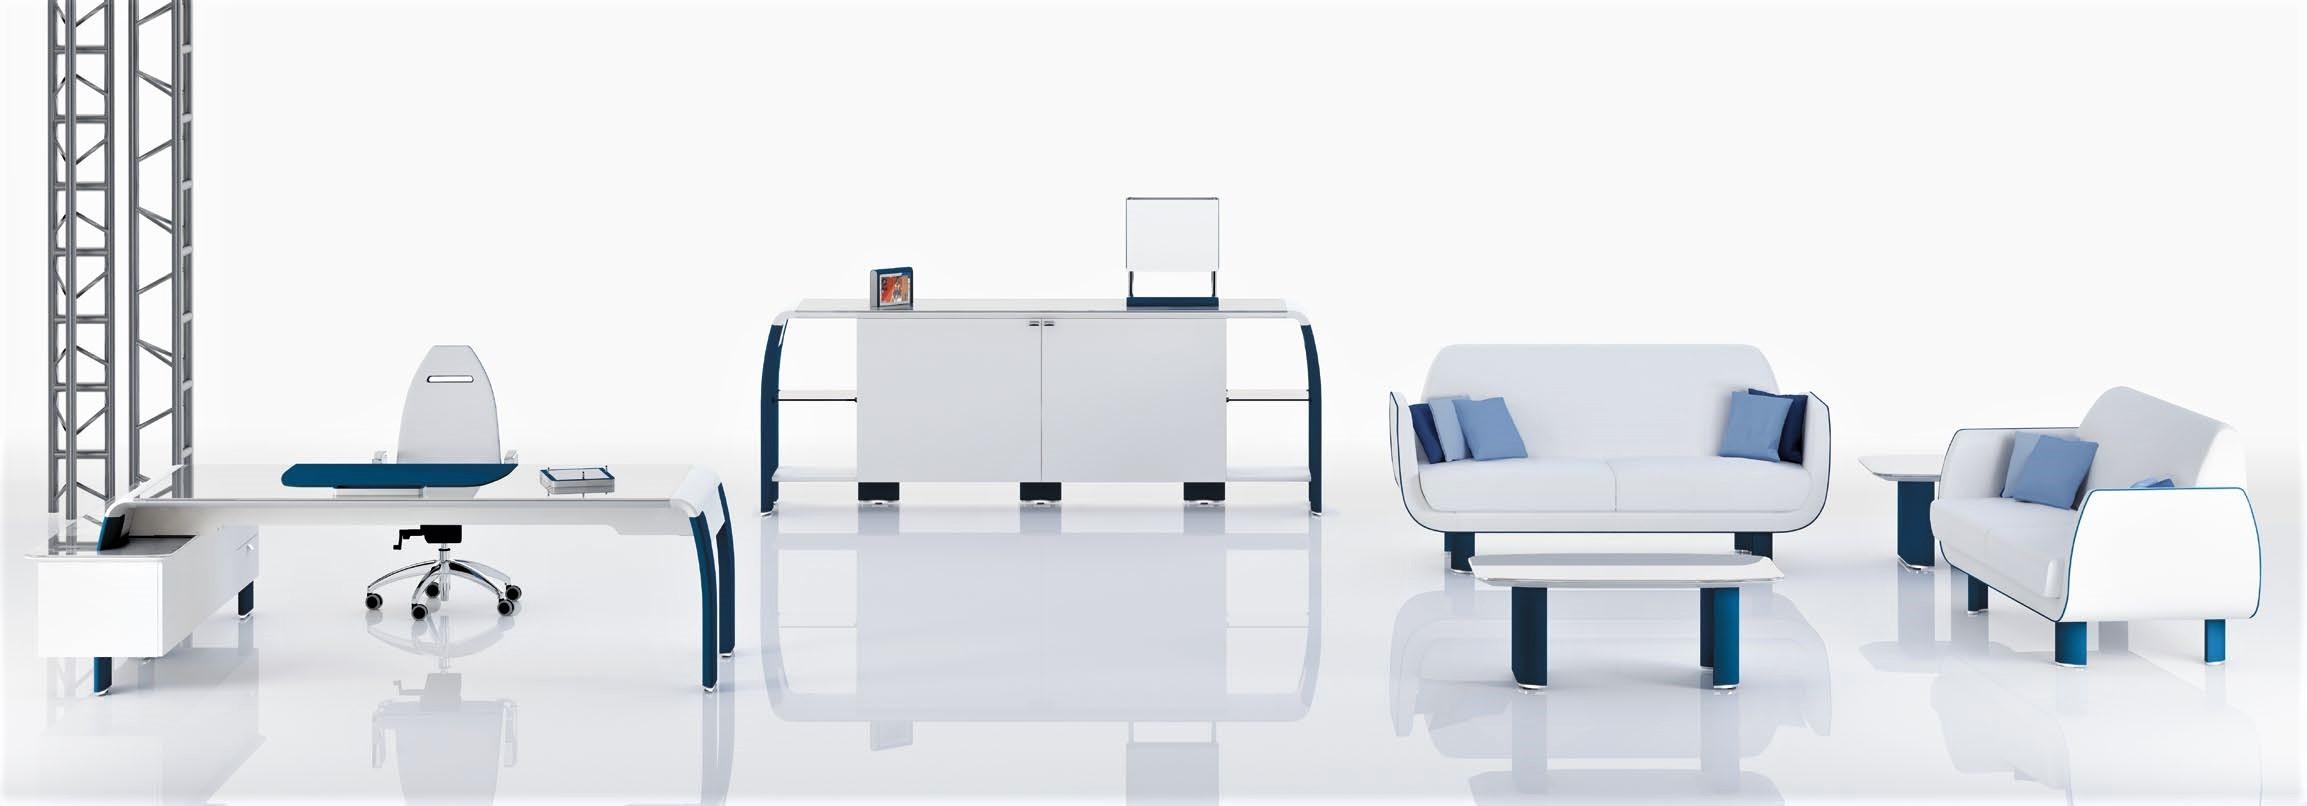 Cedrus International CI - VIP Office Furniture Design in Saudi Arabia